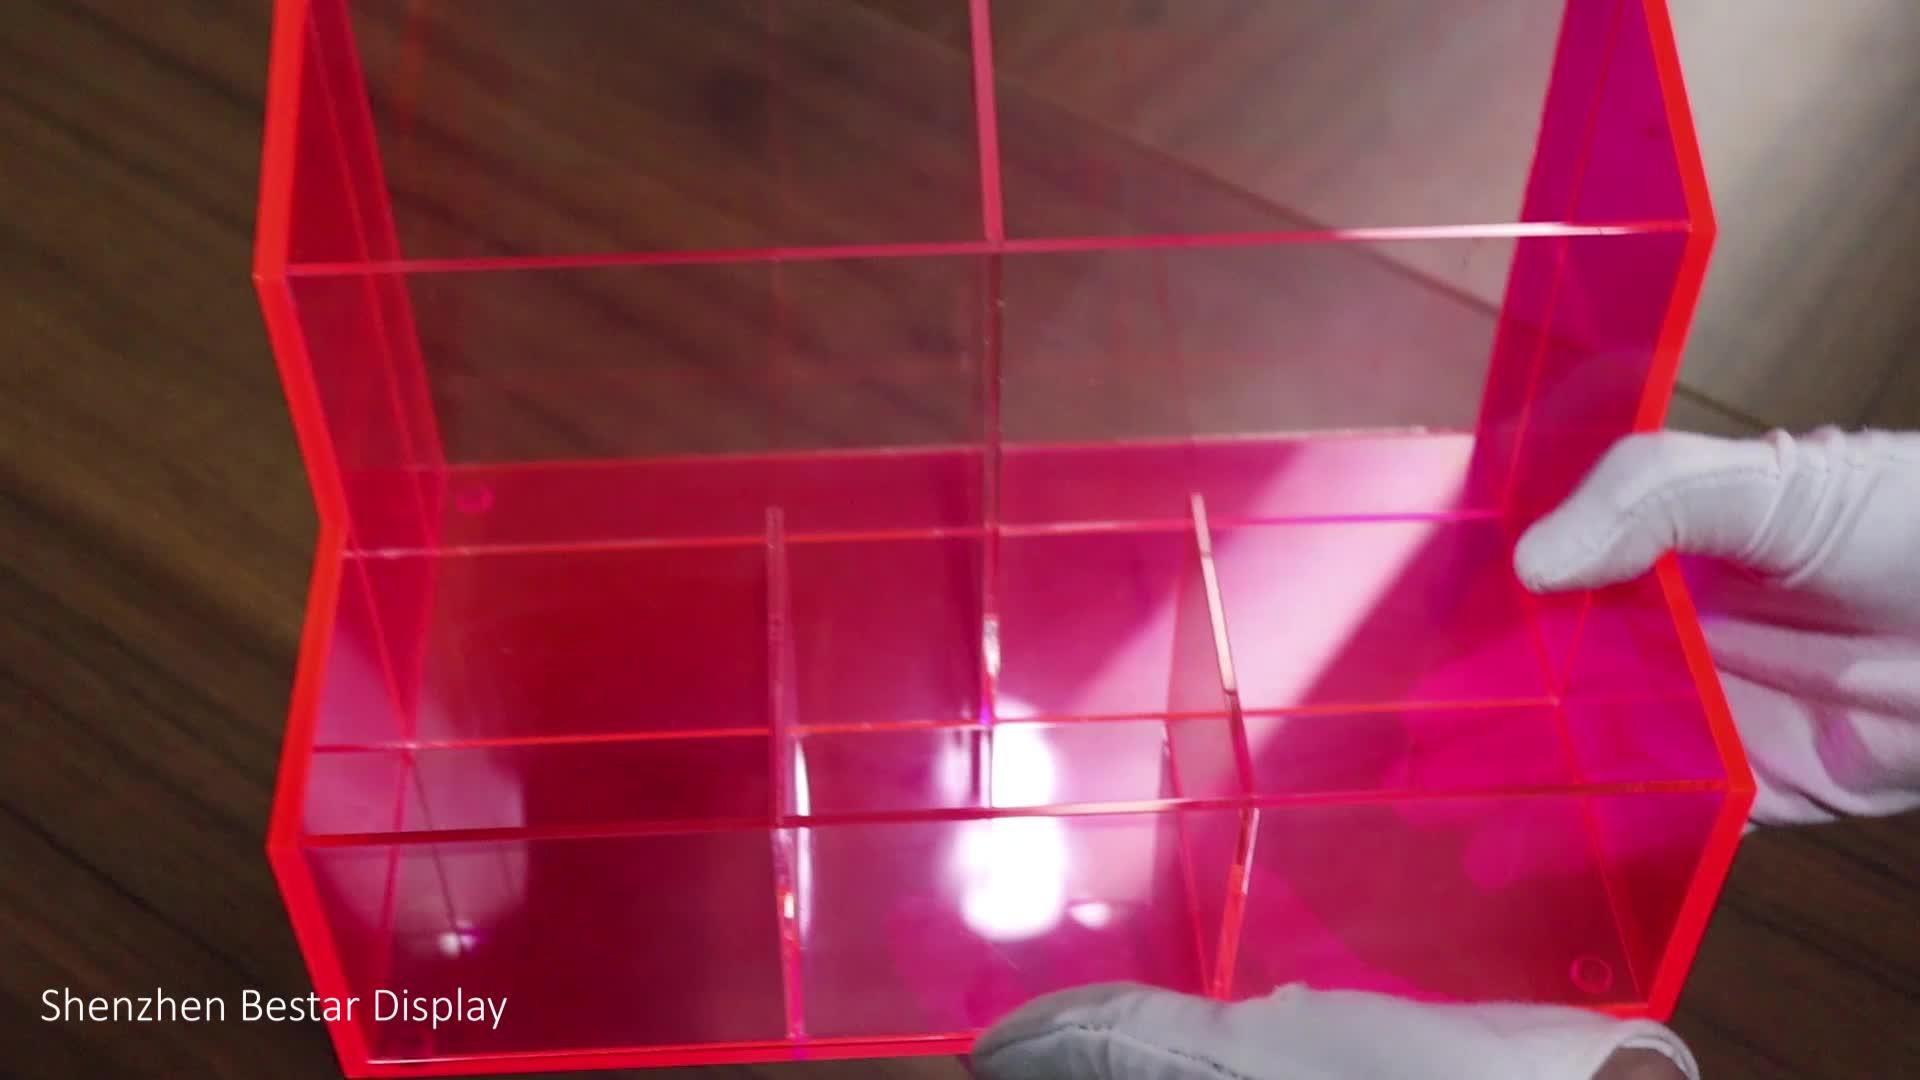 Tùy chỉnh Perspex Plexiglass Plexi PMMA Lucite Huỳnh Quang Orange Acrylic Giữ Điện Thoại Di Động